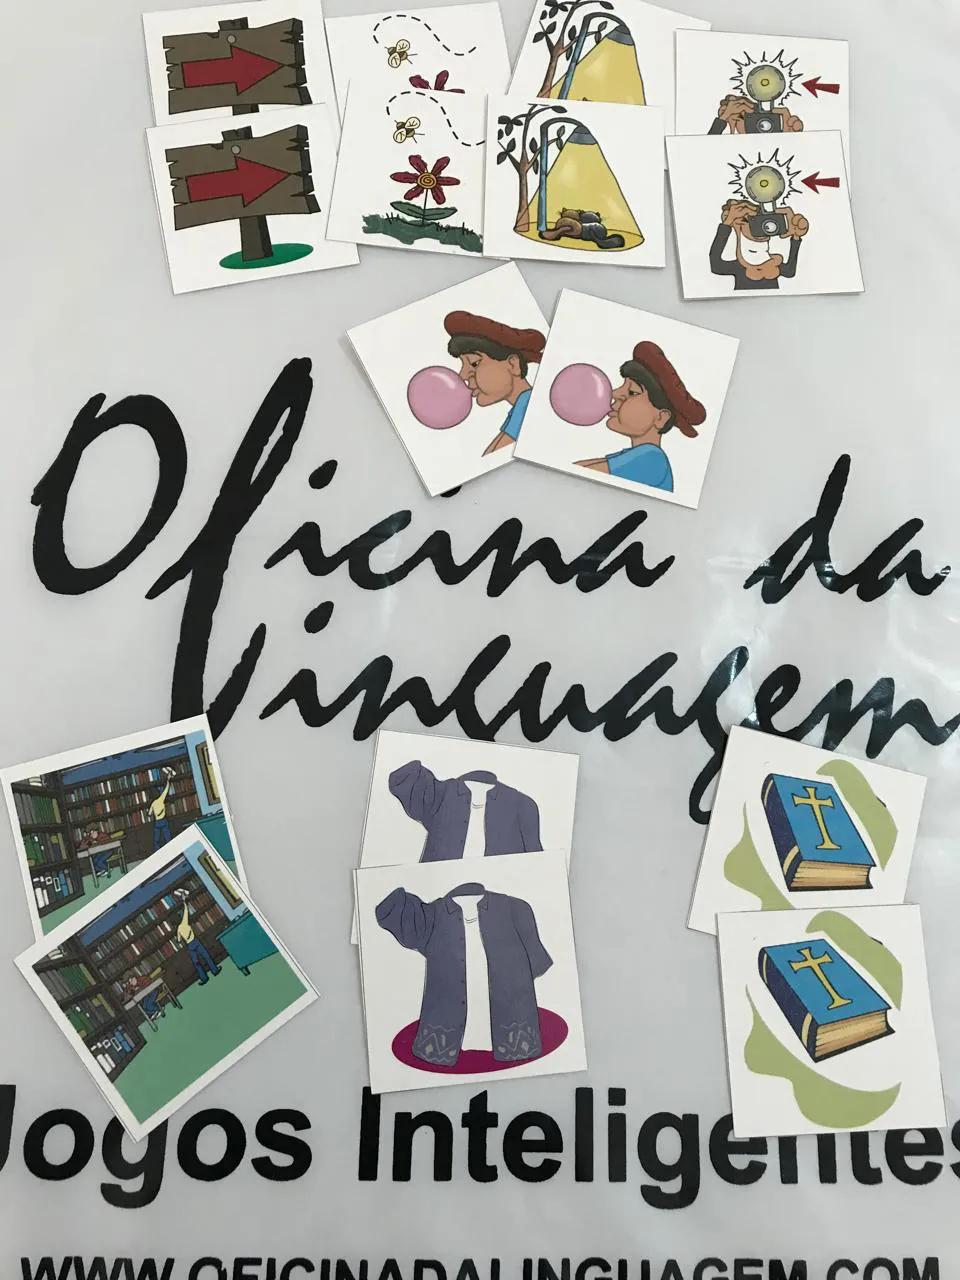 Fonemas - Encontros Consonantais /r/   /l/ - 06 jogos com imagens lindas e coloridas